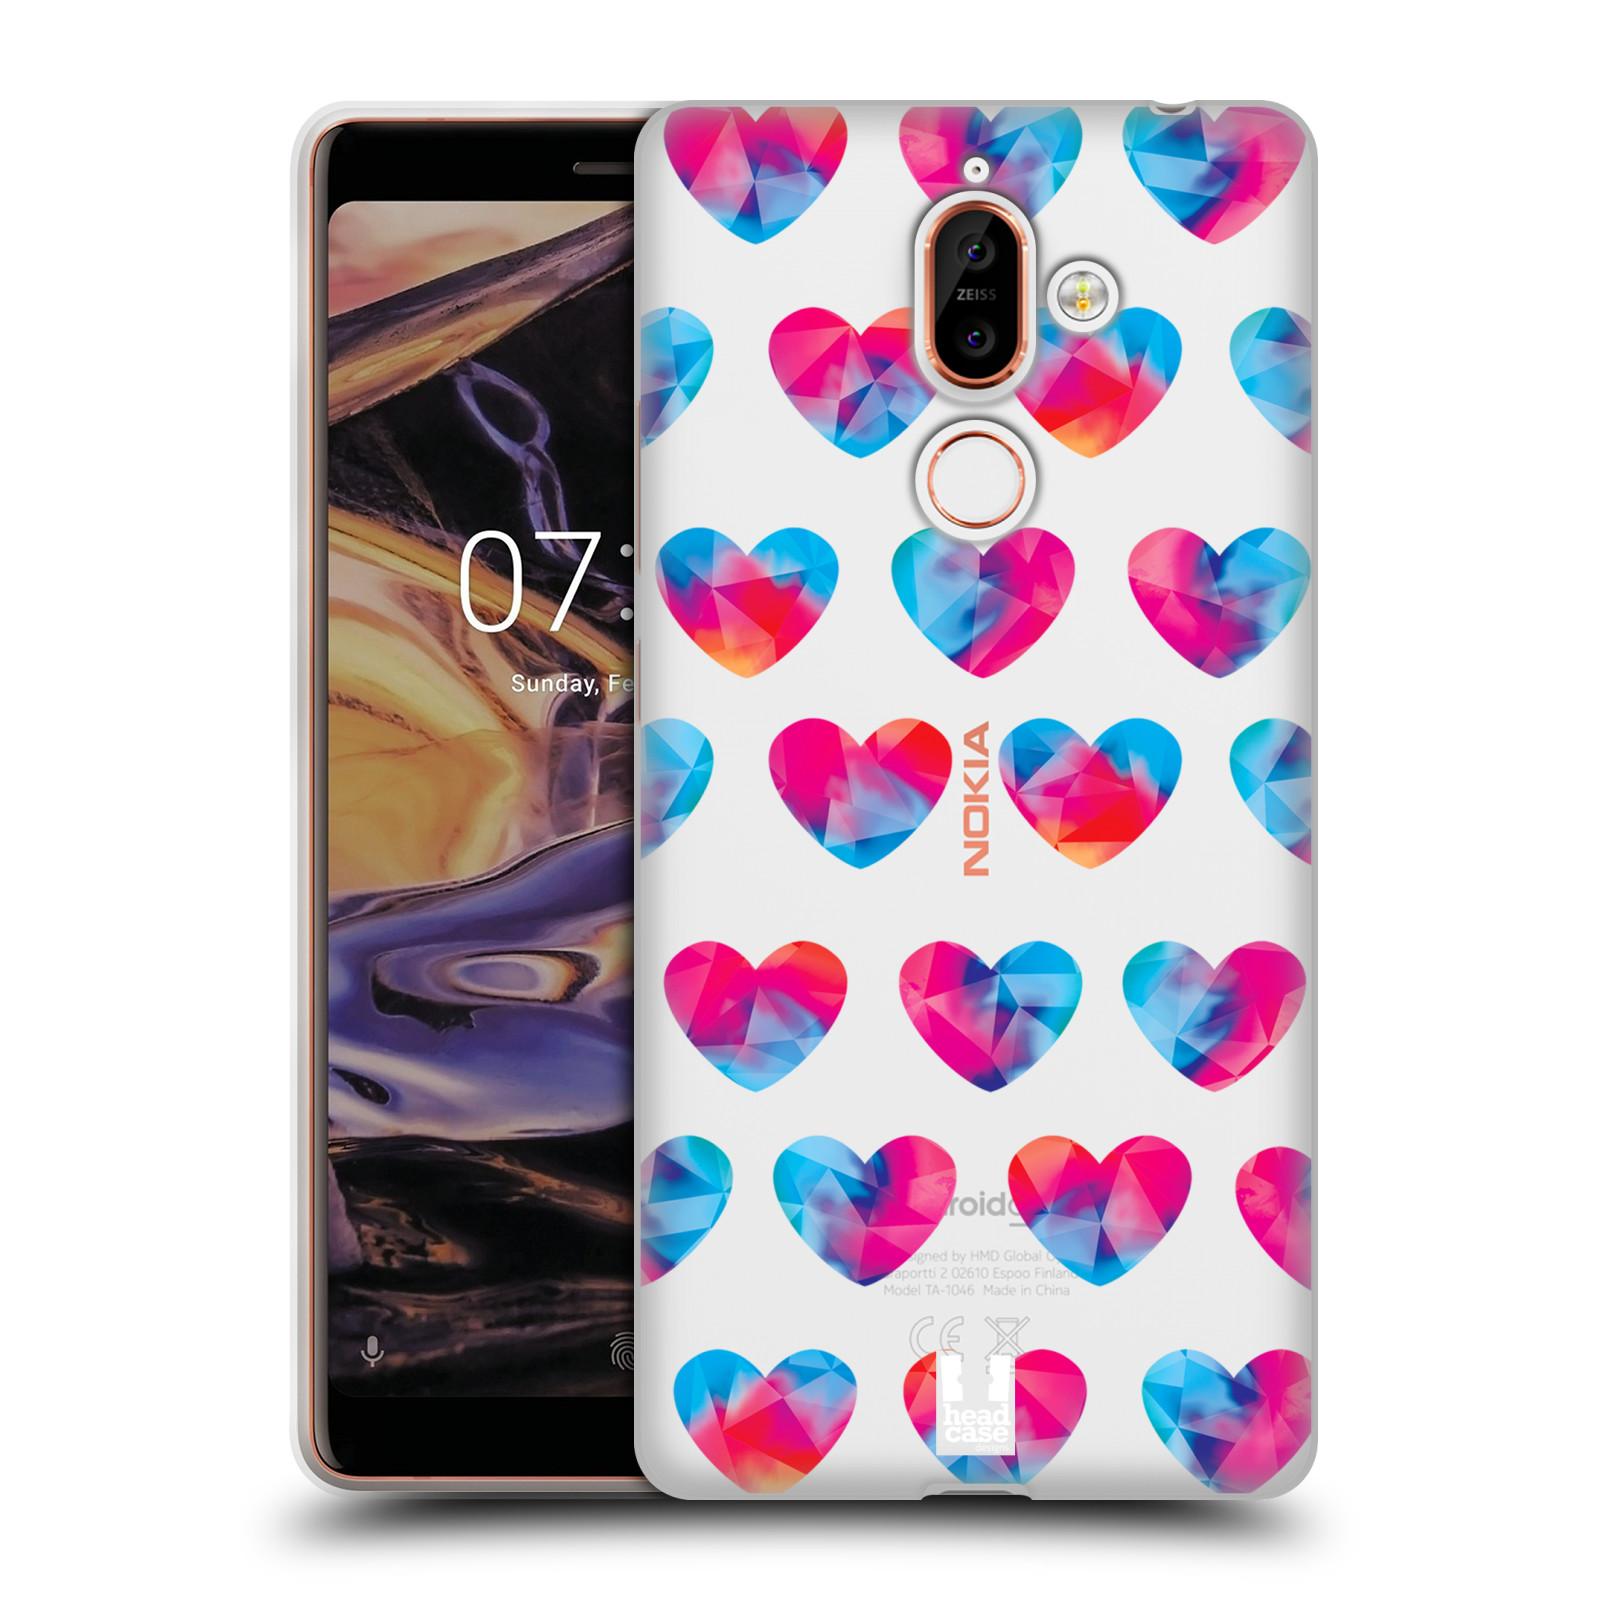 Silikonové pouzdro na mobil Nokia 7 Plus - Head Case - Srdíčka hrající barvami